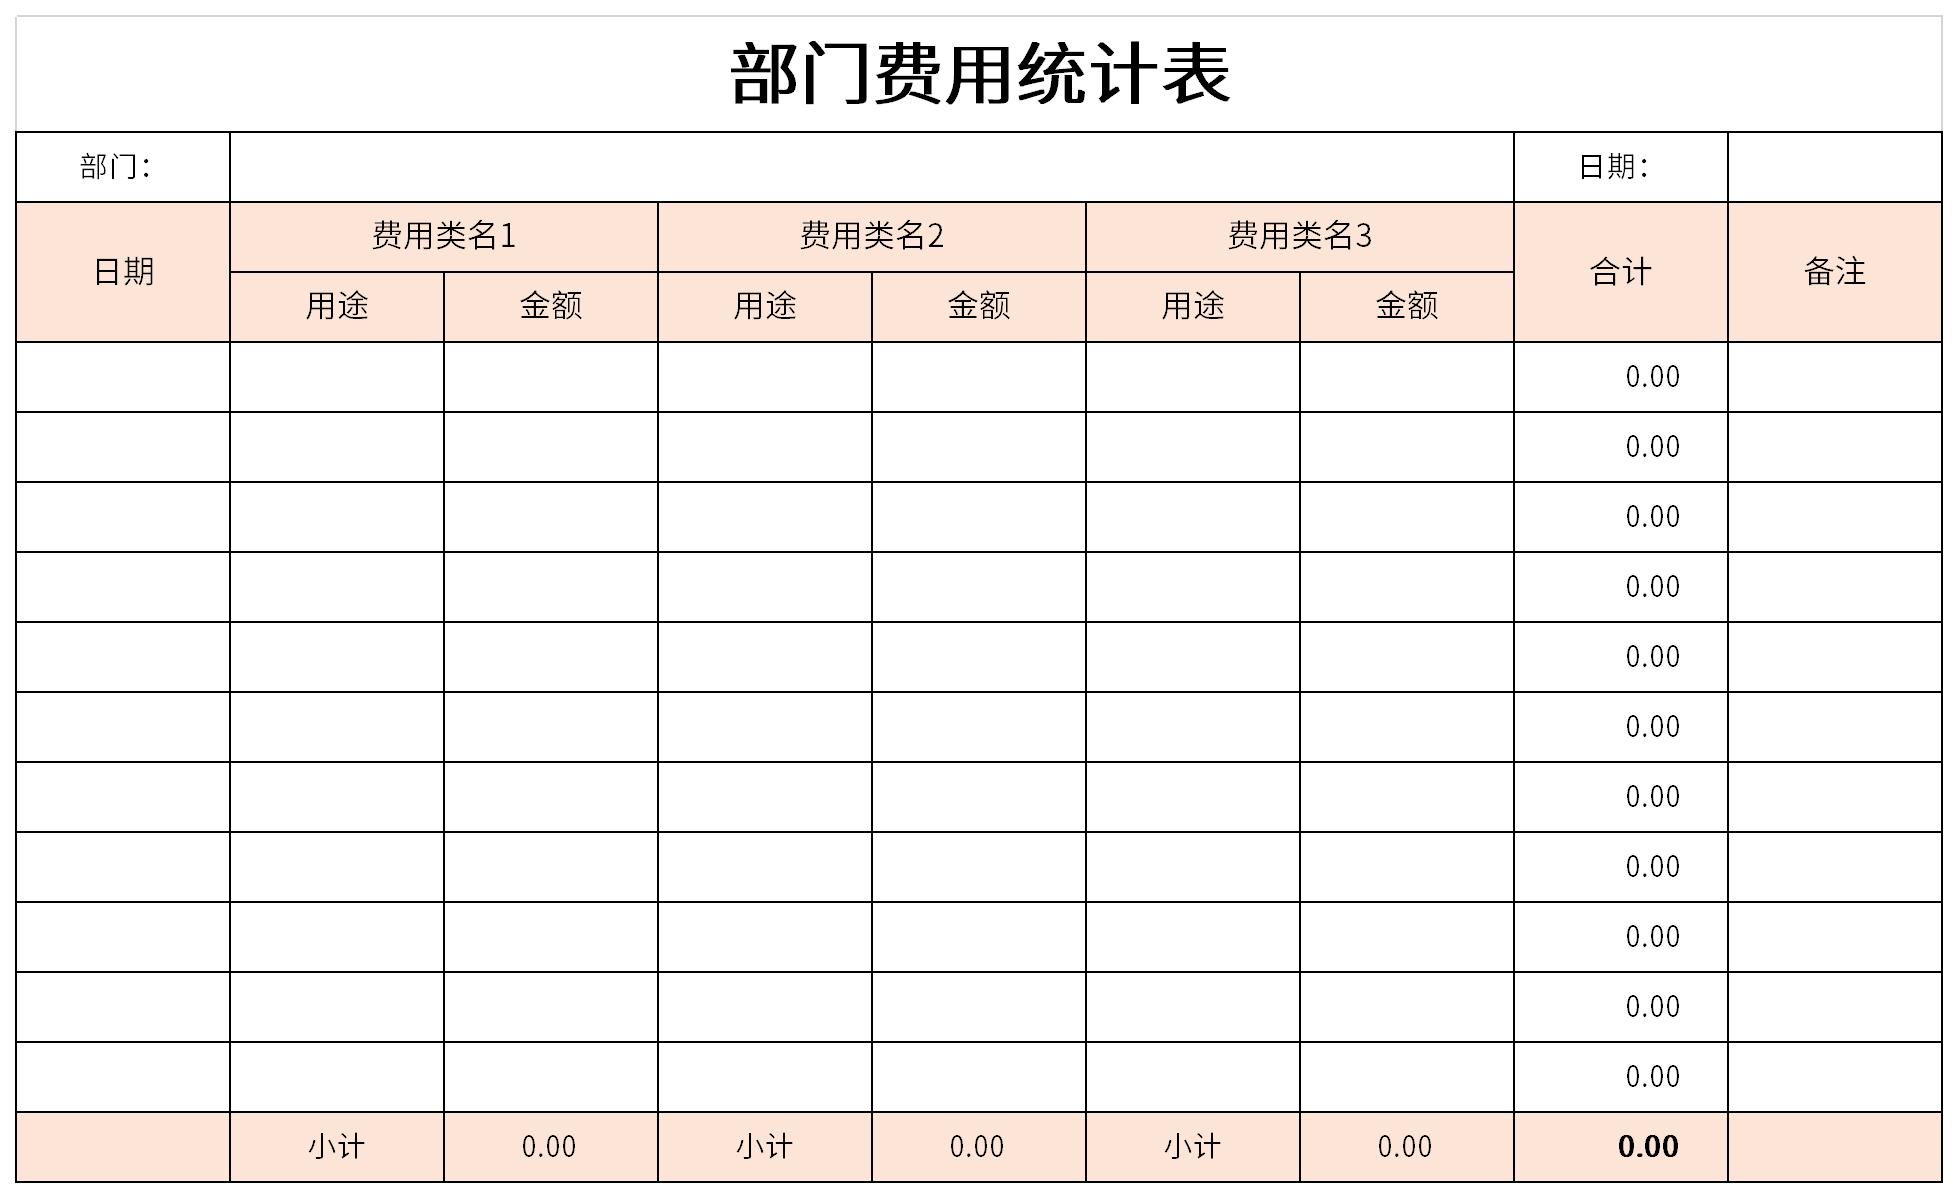 部门费用统计表截图